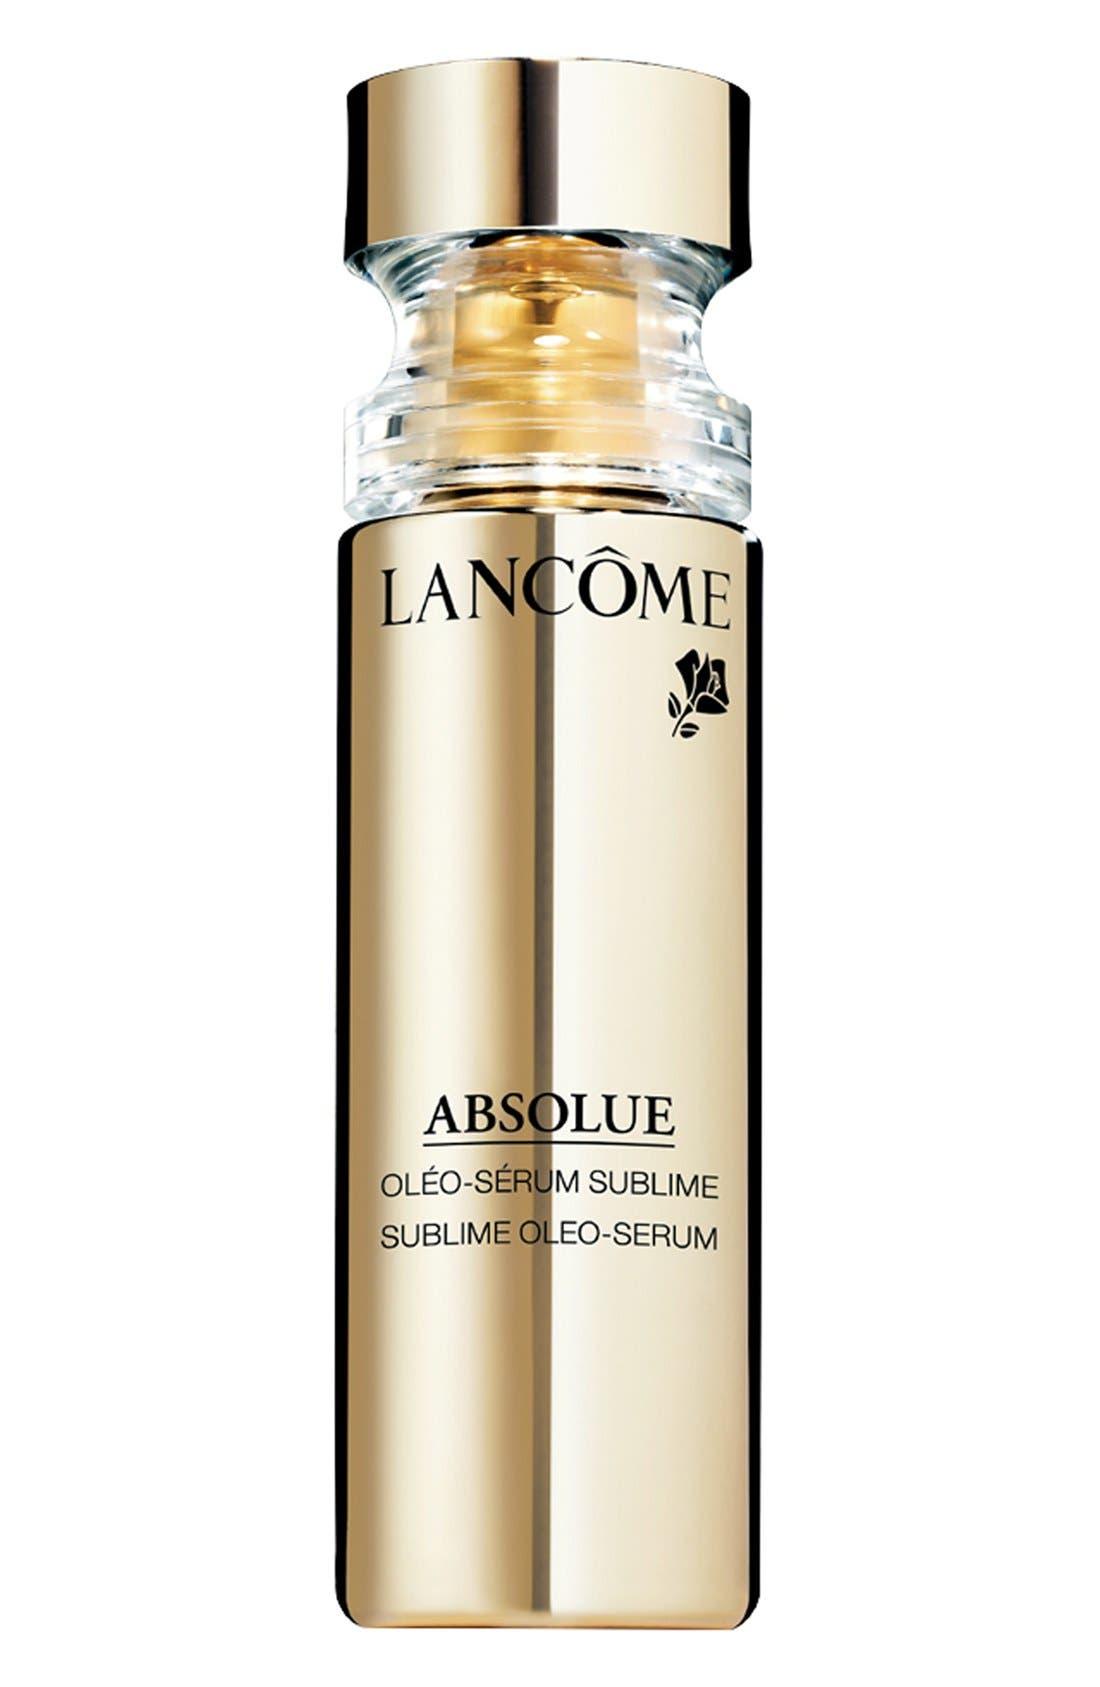 Lancôme Absolue Oleo-Serum